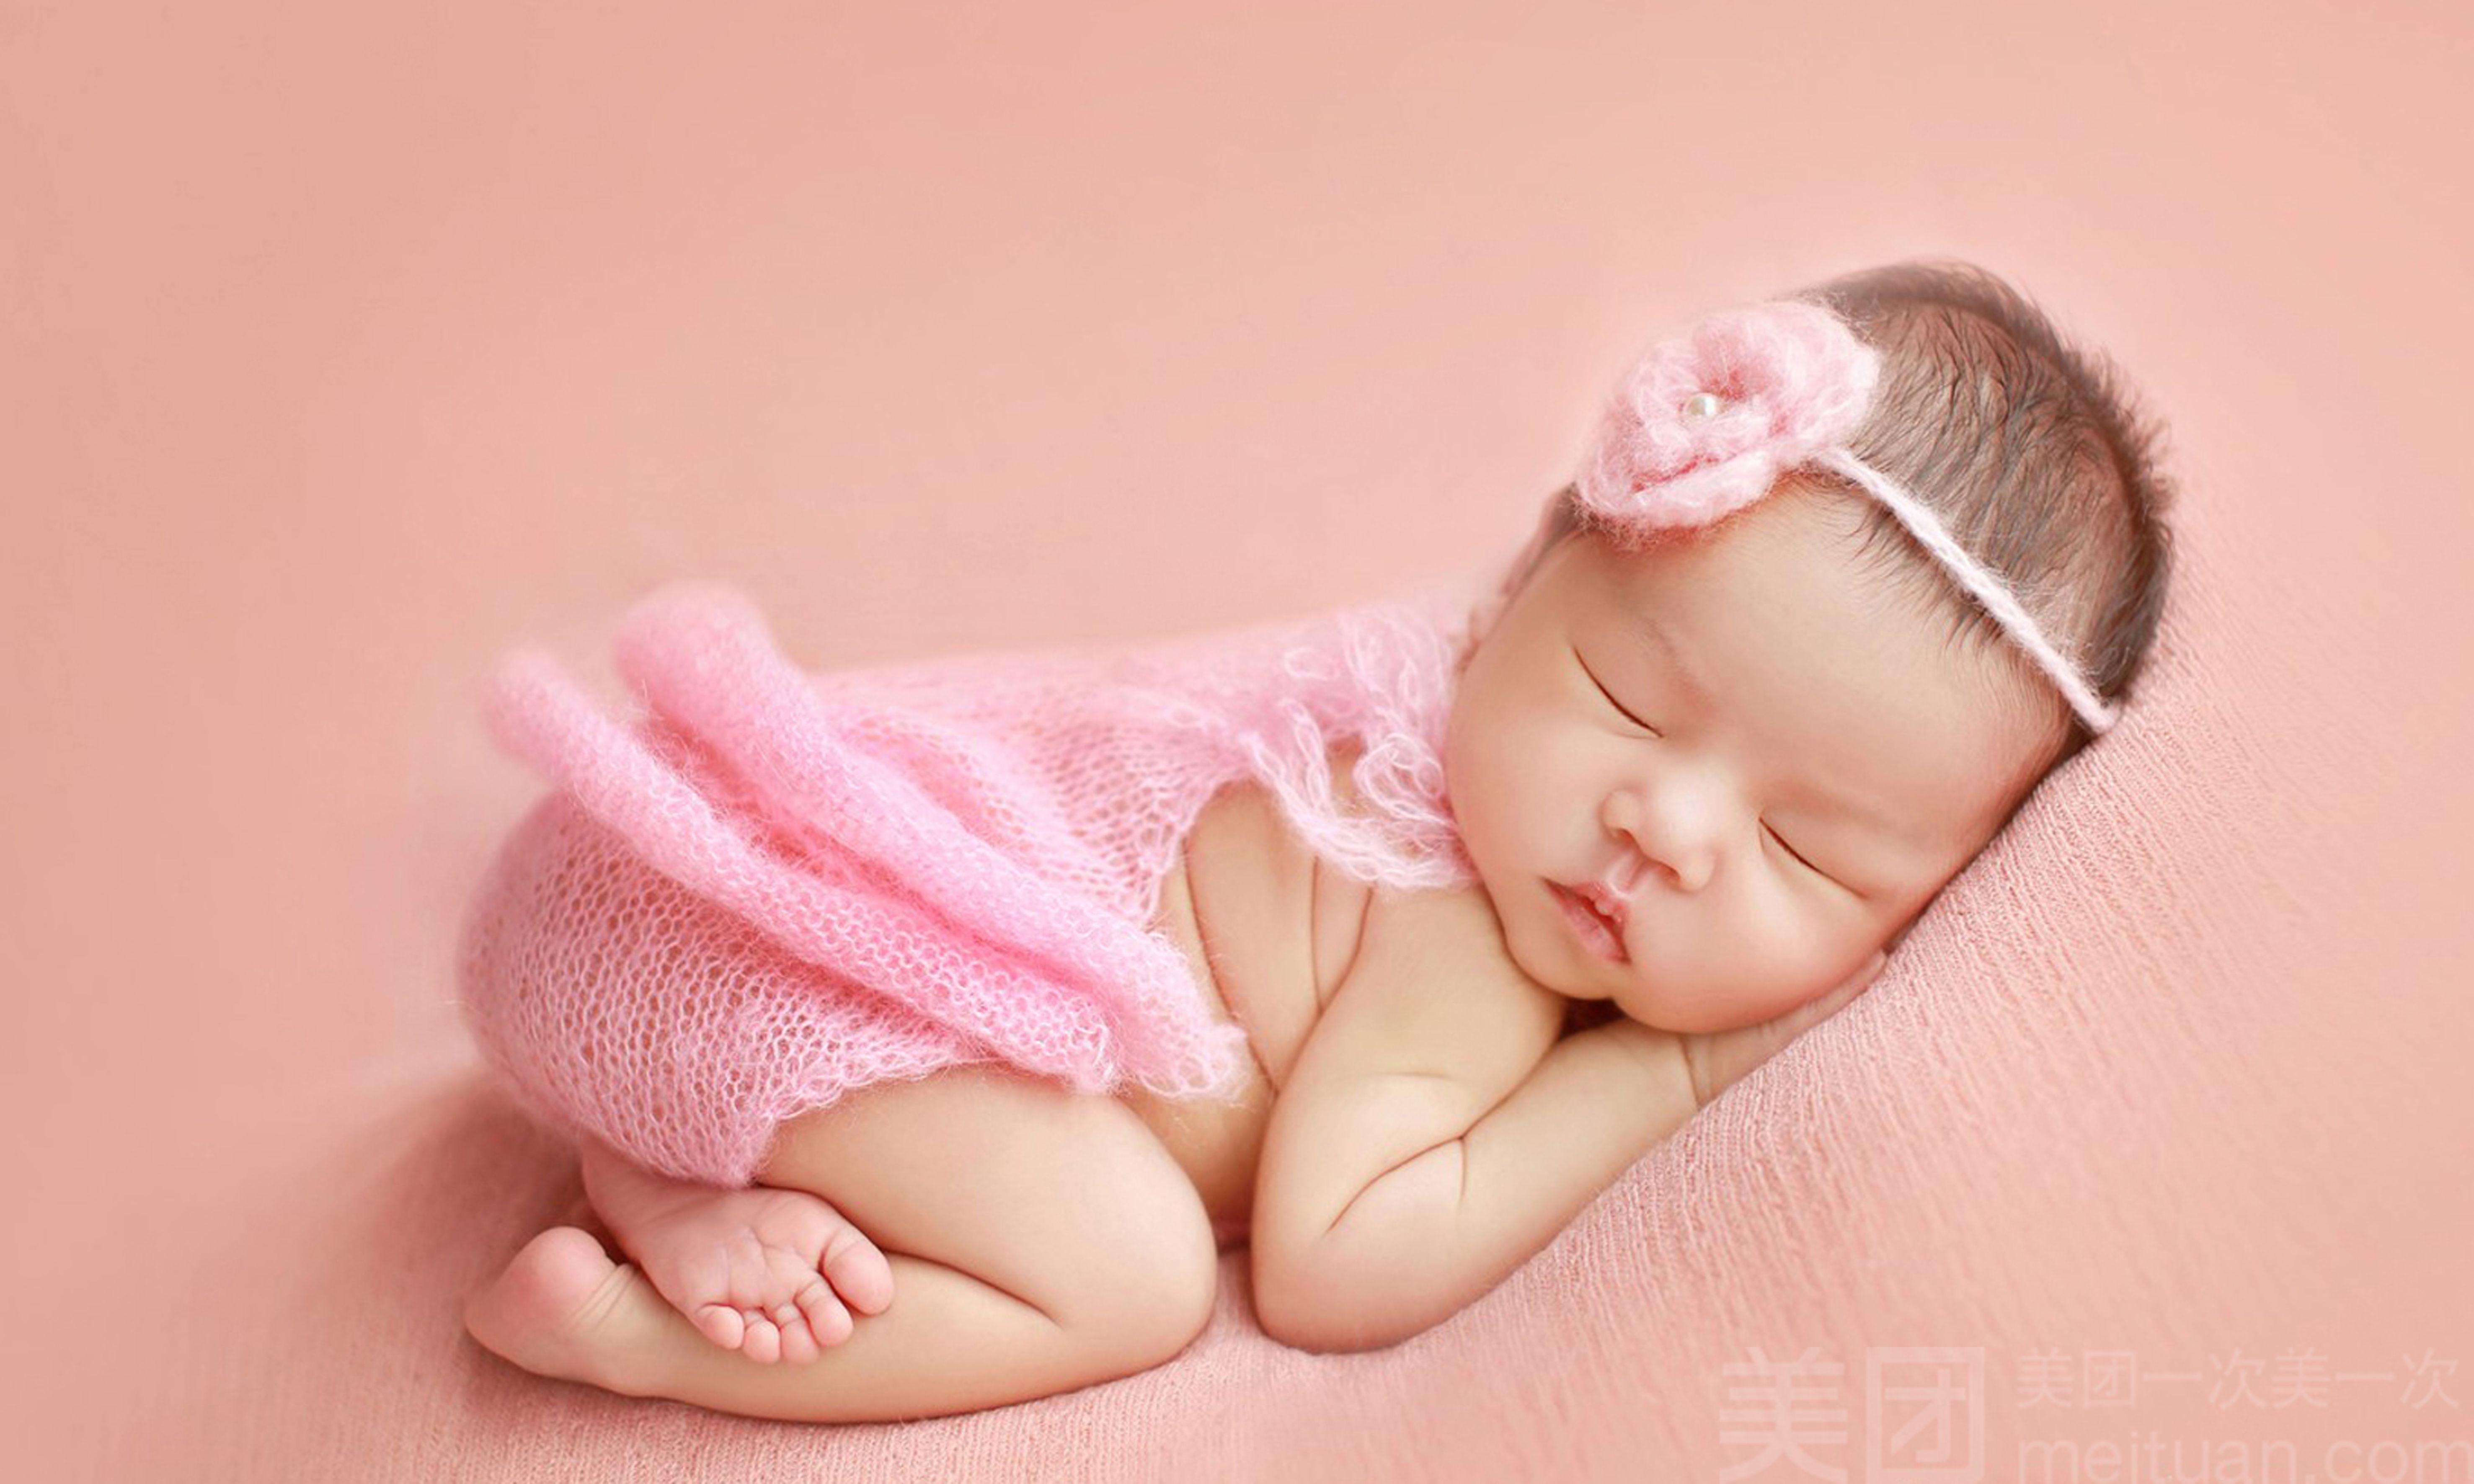 芜湖米可儿童摄影 图片合集